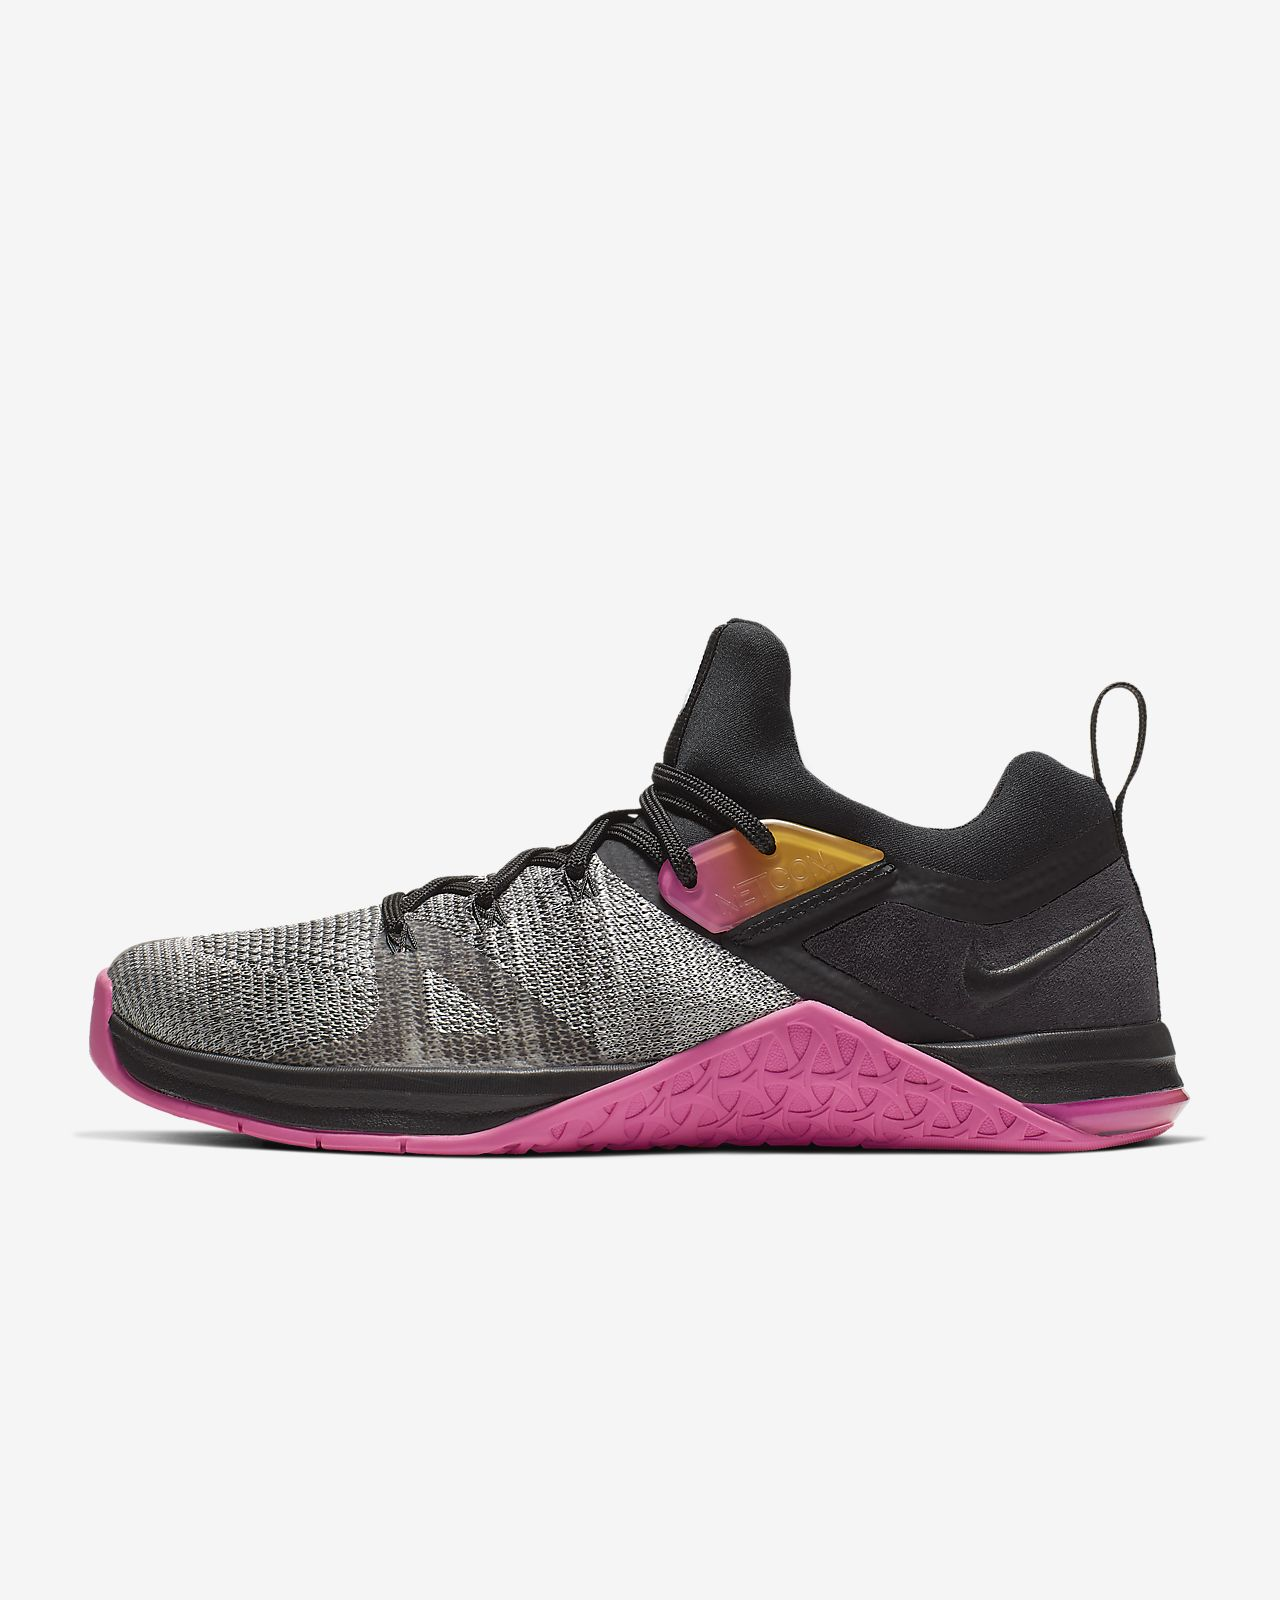 release date 20d02 d98f2 Women s Cross-Training Weightlifting Shoe. Nike Metcon Flyknit 3